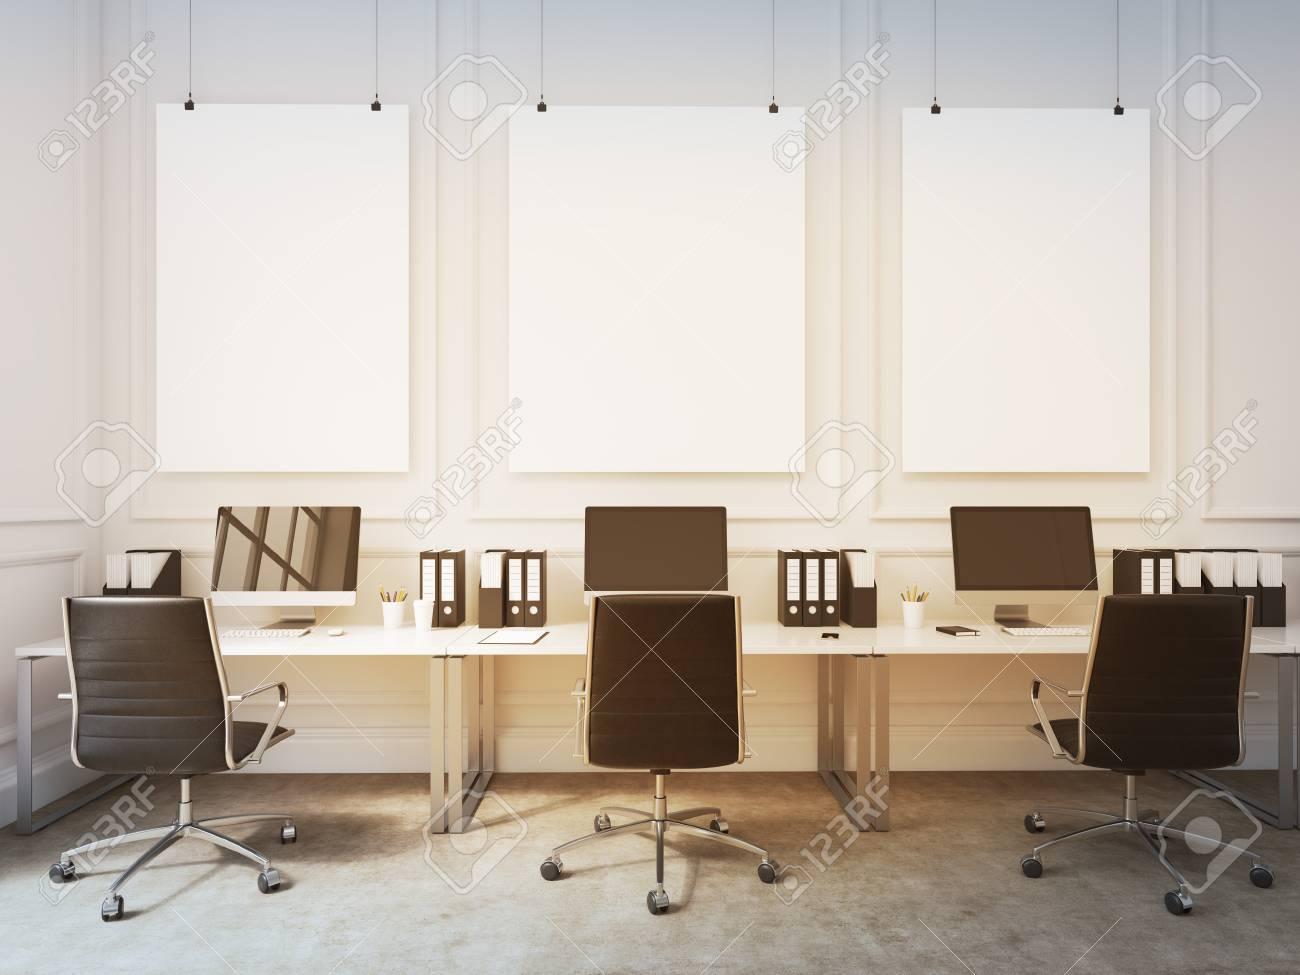 Un Bureau Ouvert Des Tables Avec Des Ordinateurs Disposes Le Long Du Mur Des Ouvriers Se Faisant Face Trois Planches Vierges Sur Le Mur Concept De